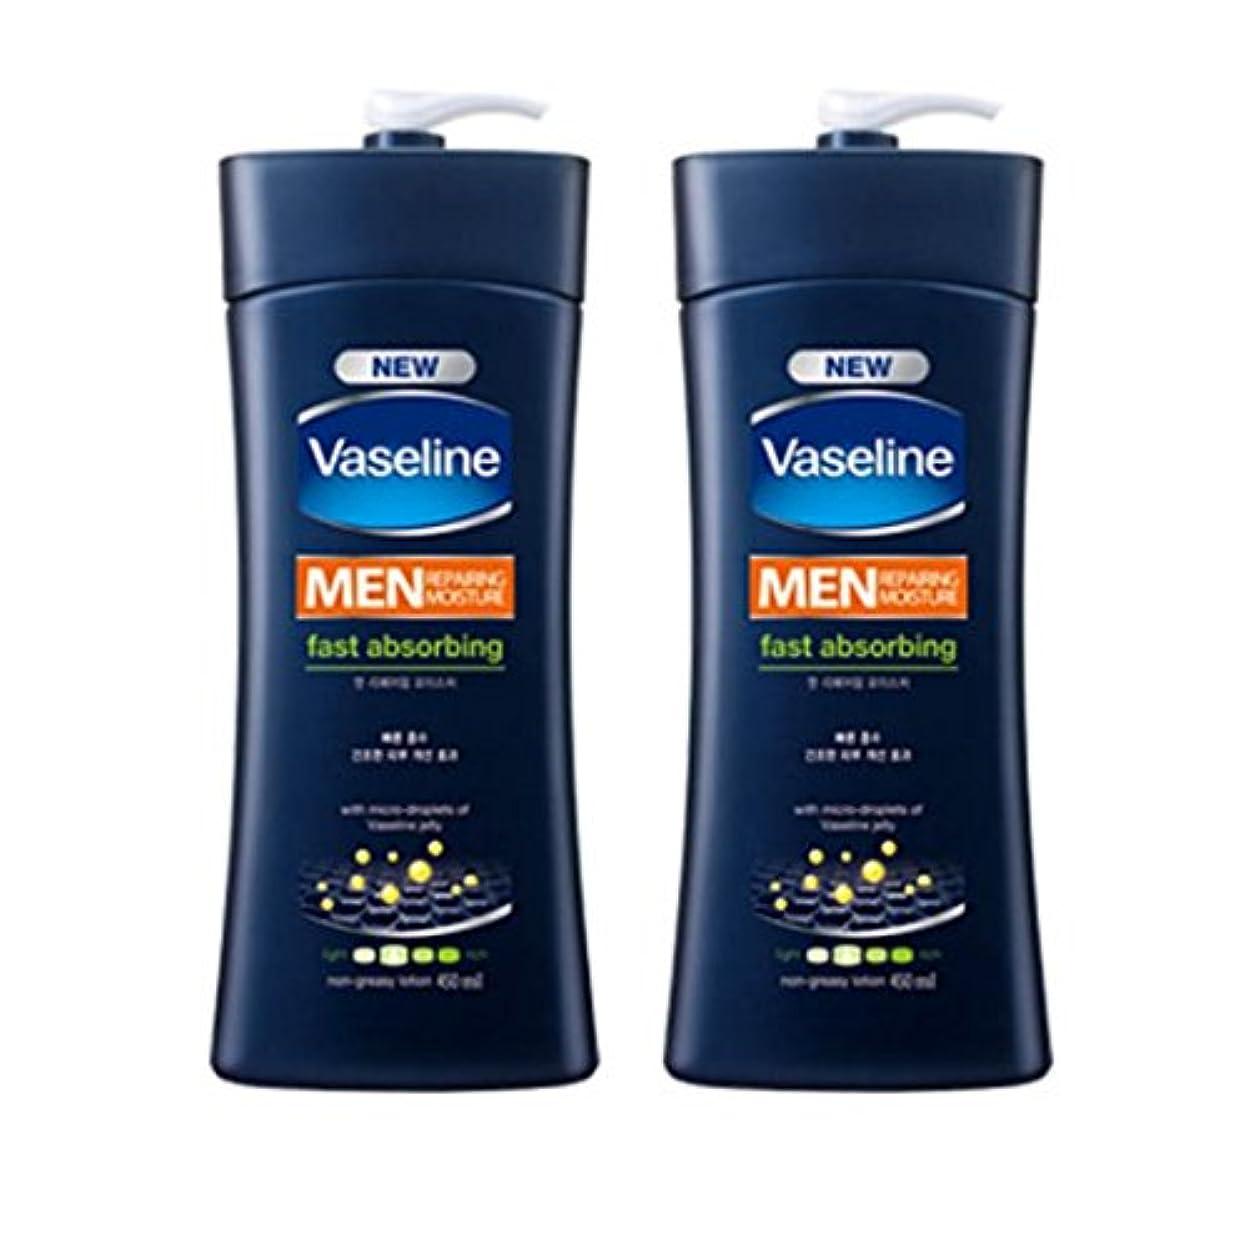 ジョセフバンクス大陸宇宙船ヴァセリン メンズ リペアリング モイスチャーローション(Vaseline Man Repairing Moisture Lotion) 450ml X 2個 [並行輸入品]